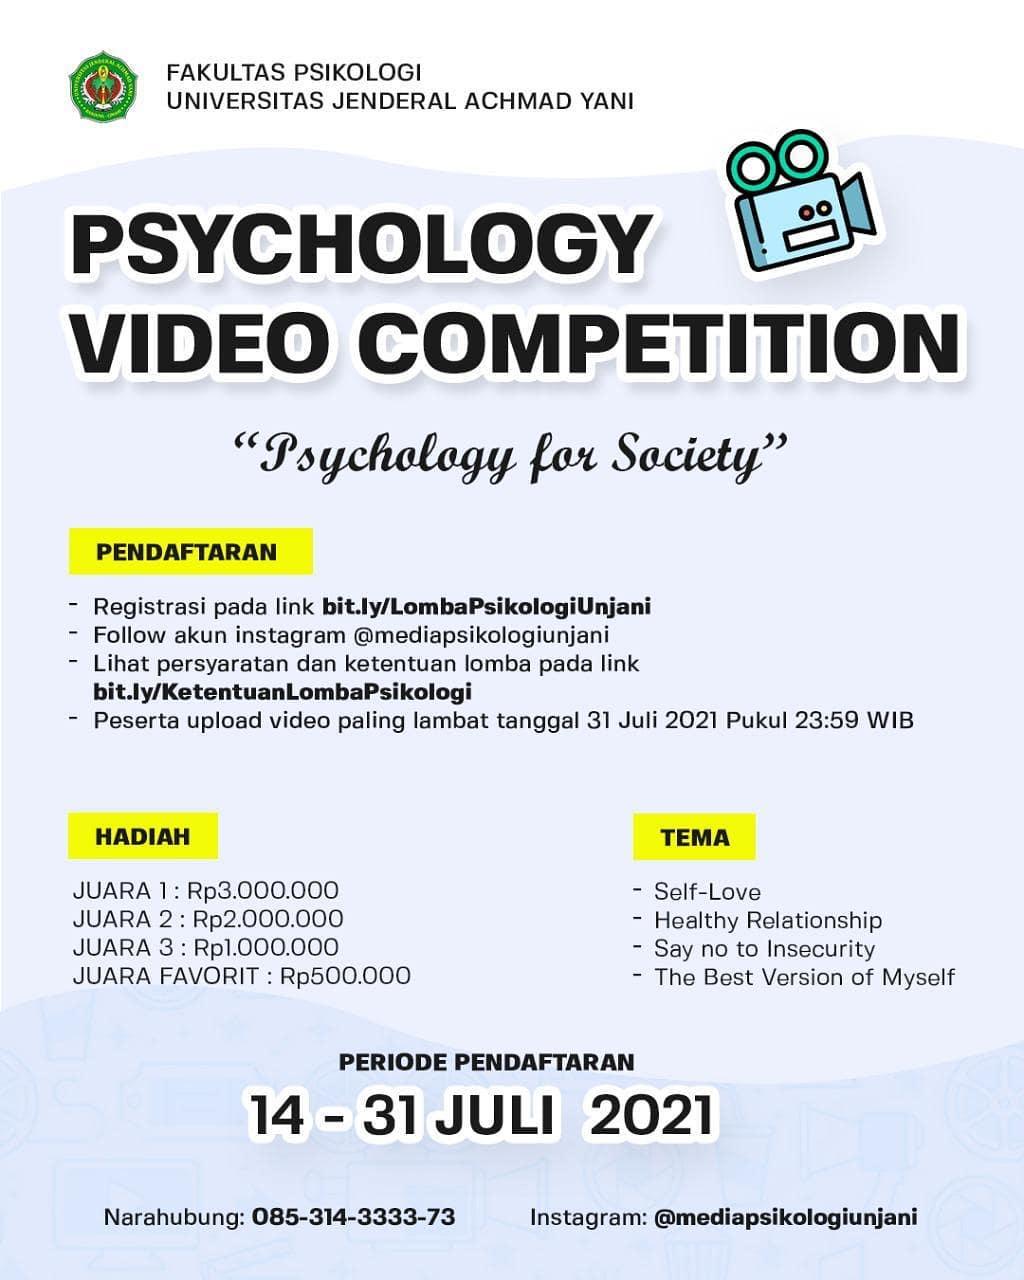 Lomba Video Kreatif Berhadiah Jutaan Rupiah oleh Fakultas Psikologi UNJANI